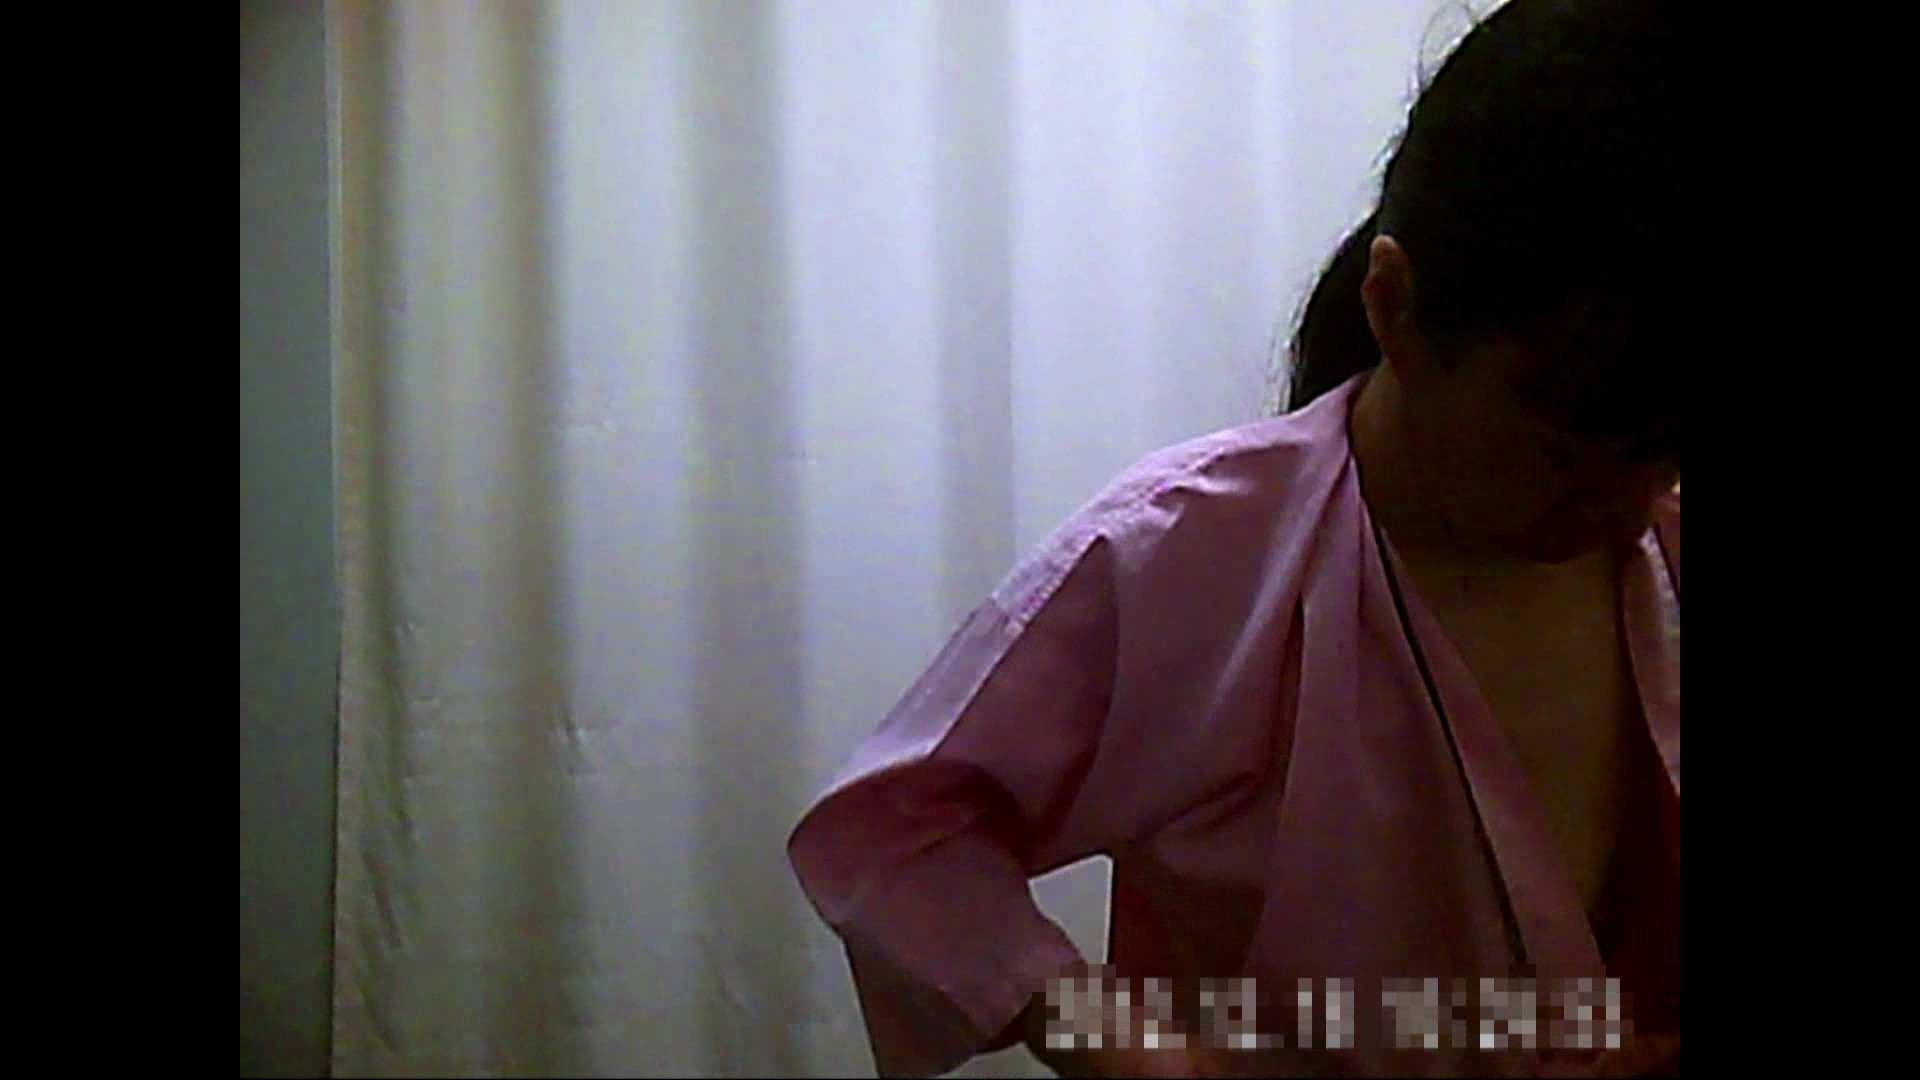 病院おもいっきり着替え! vol.180 OLの実態 盗撮オマンコ無修正動画無料 99pic 51